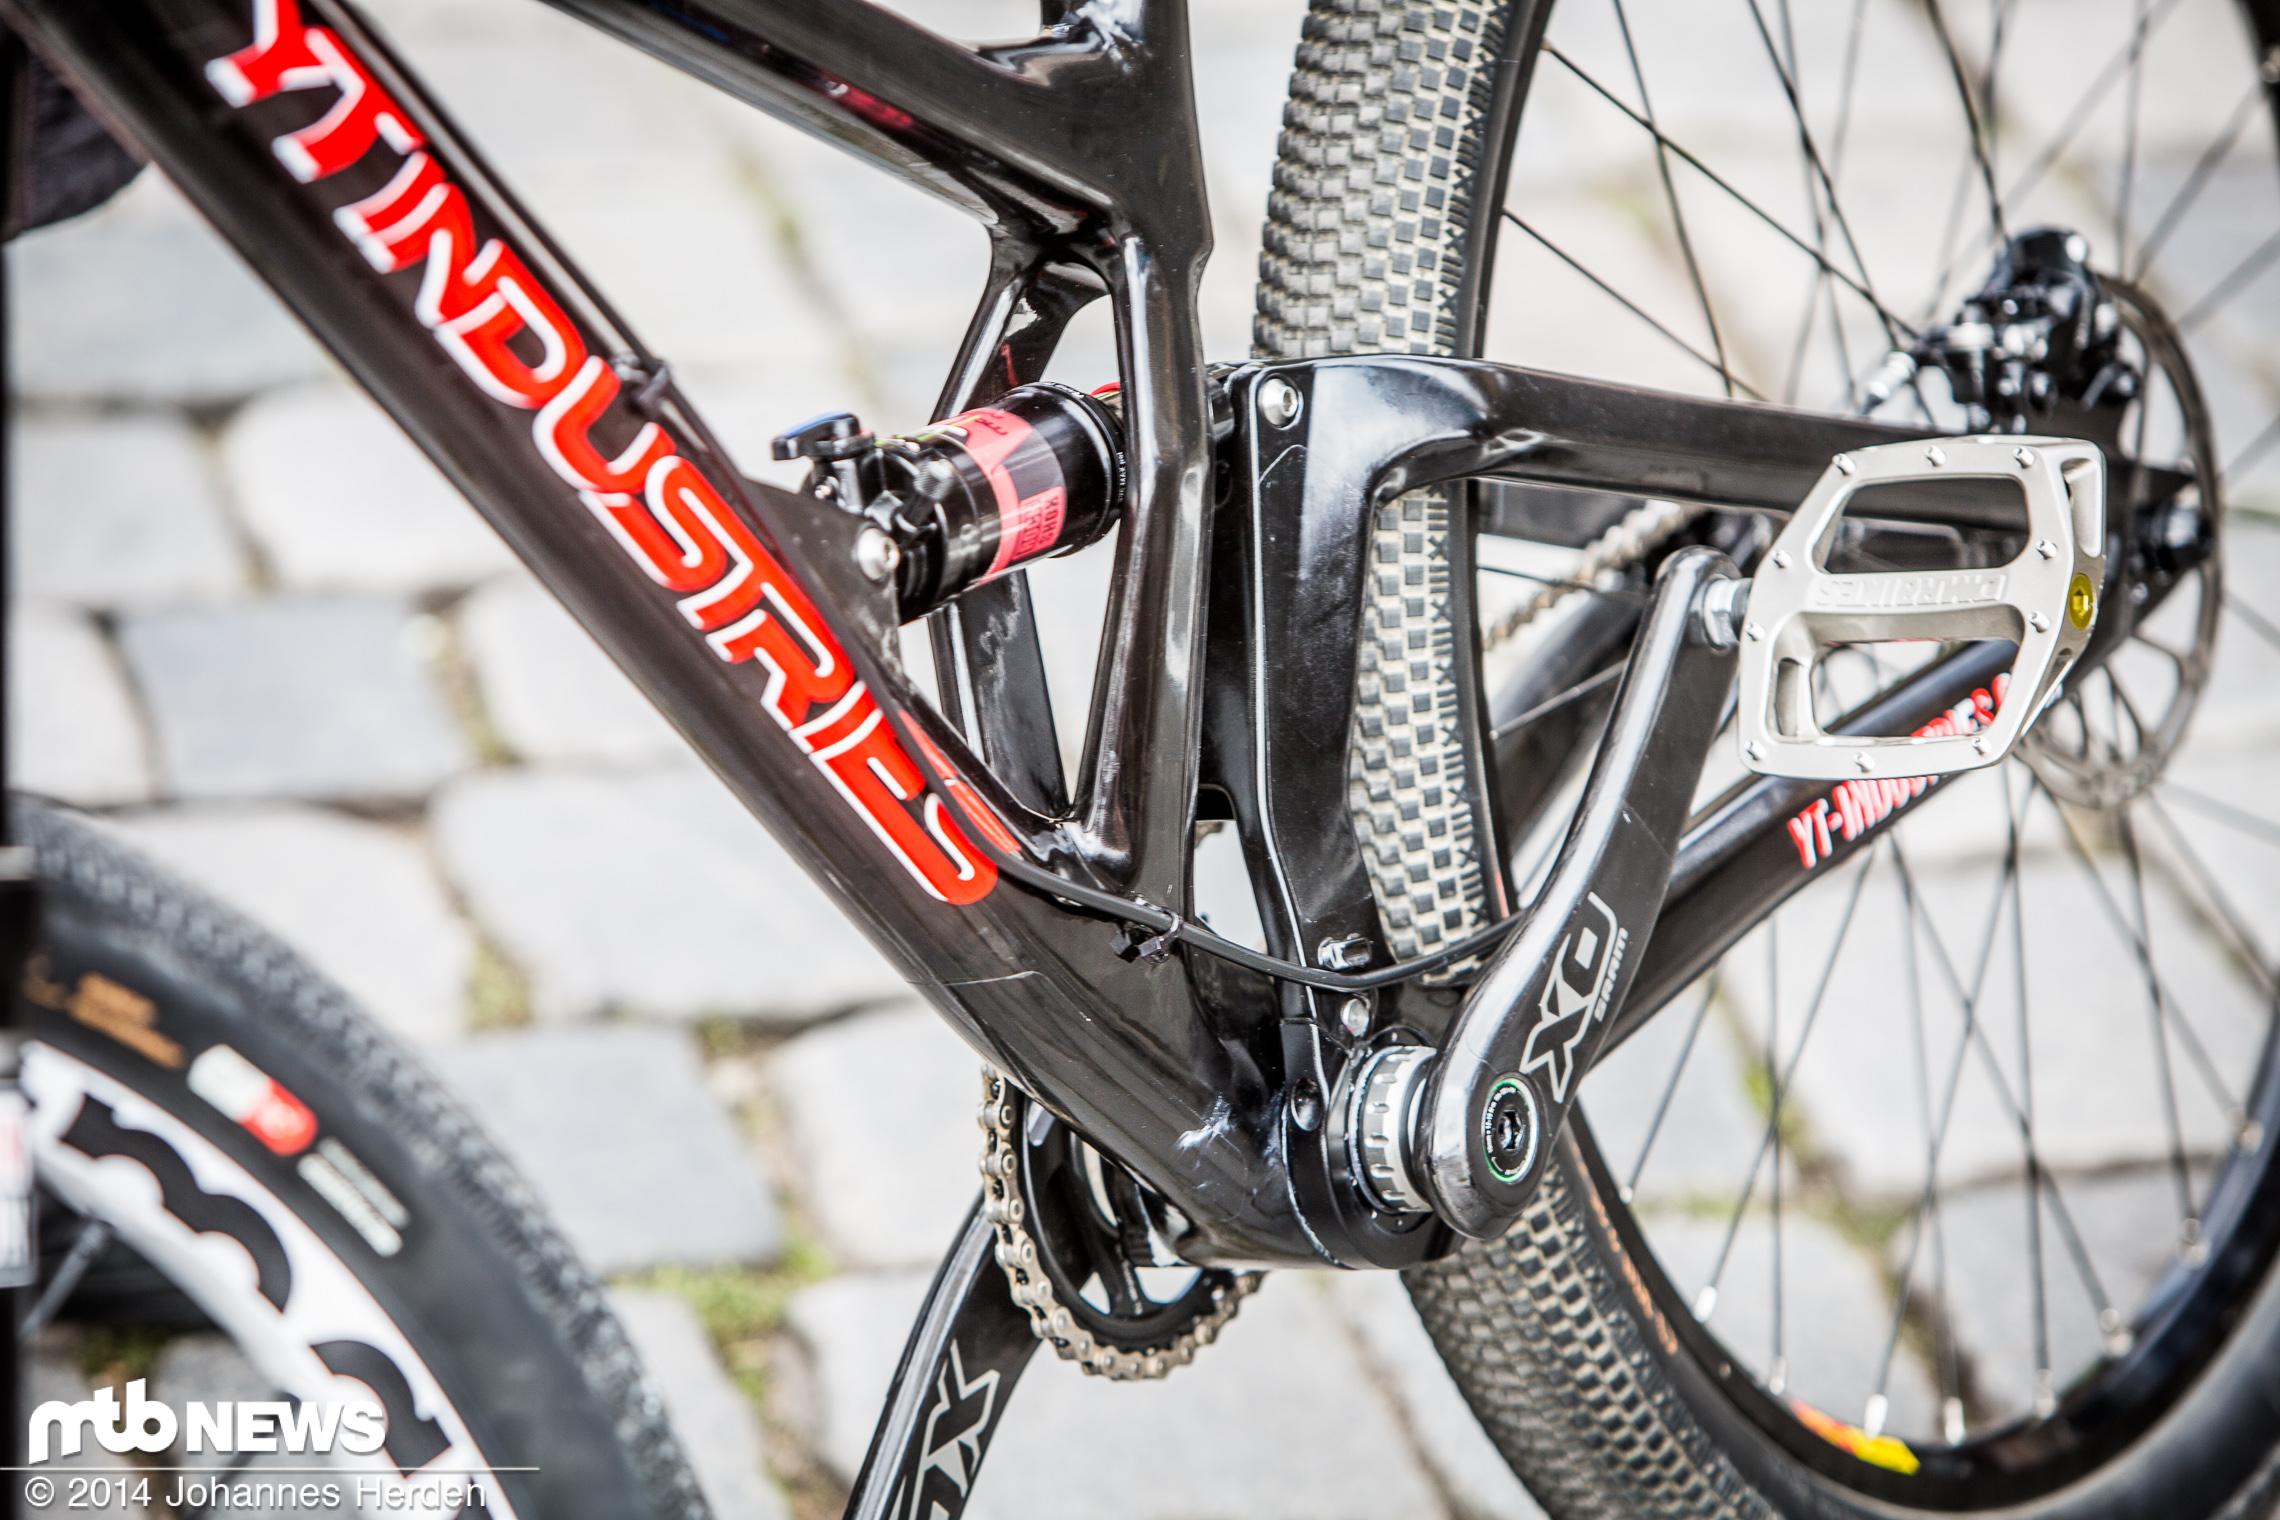 Exklusiv Yt Carbon Slopestyle Fully Prototyp